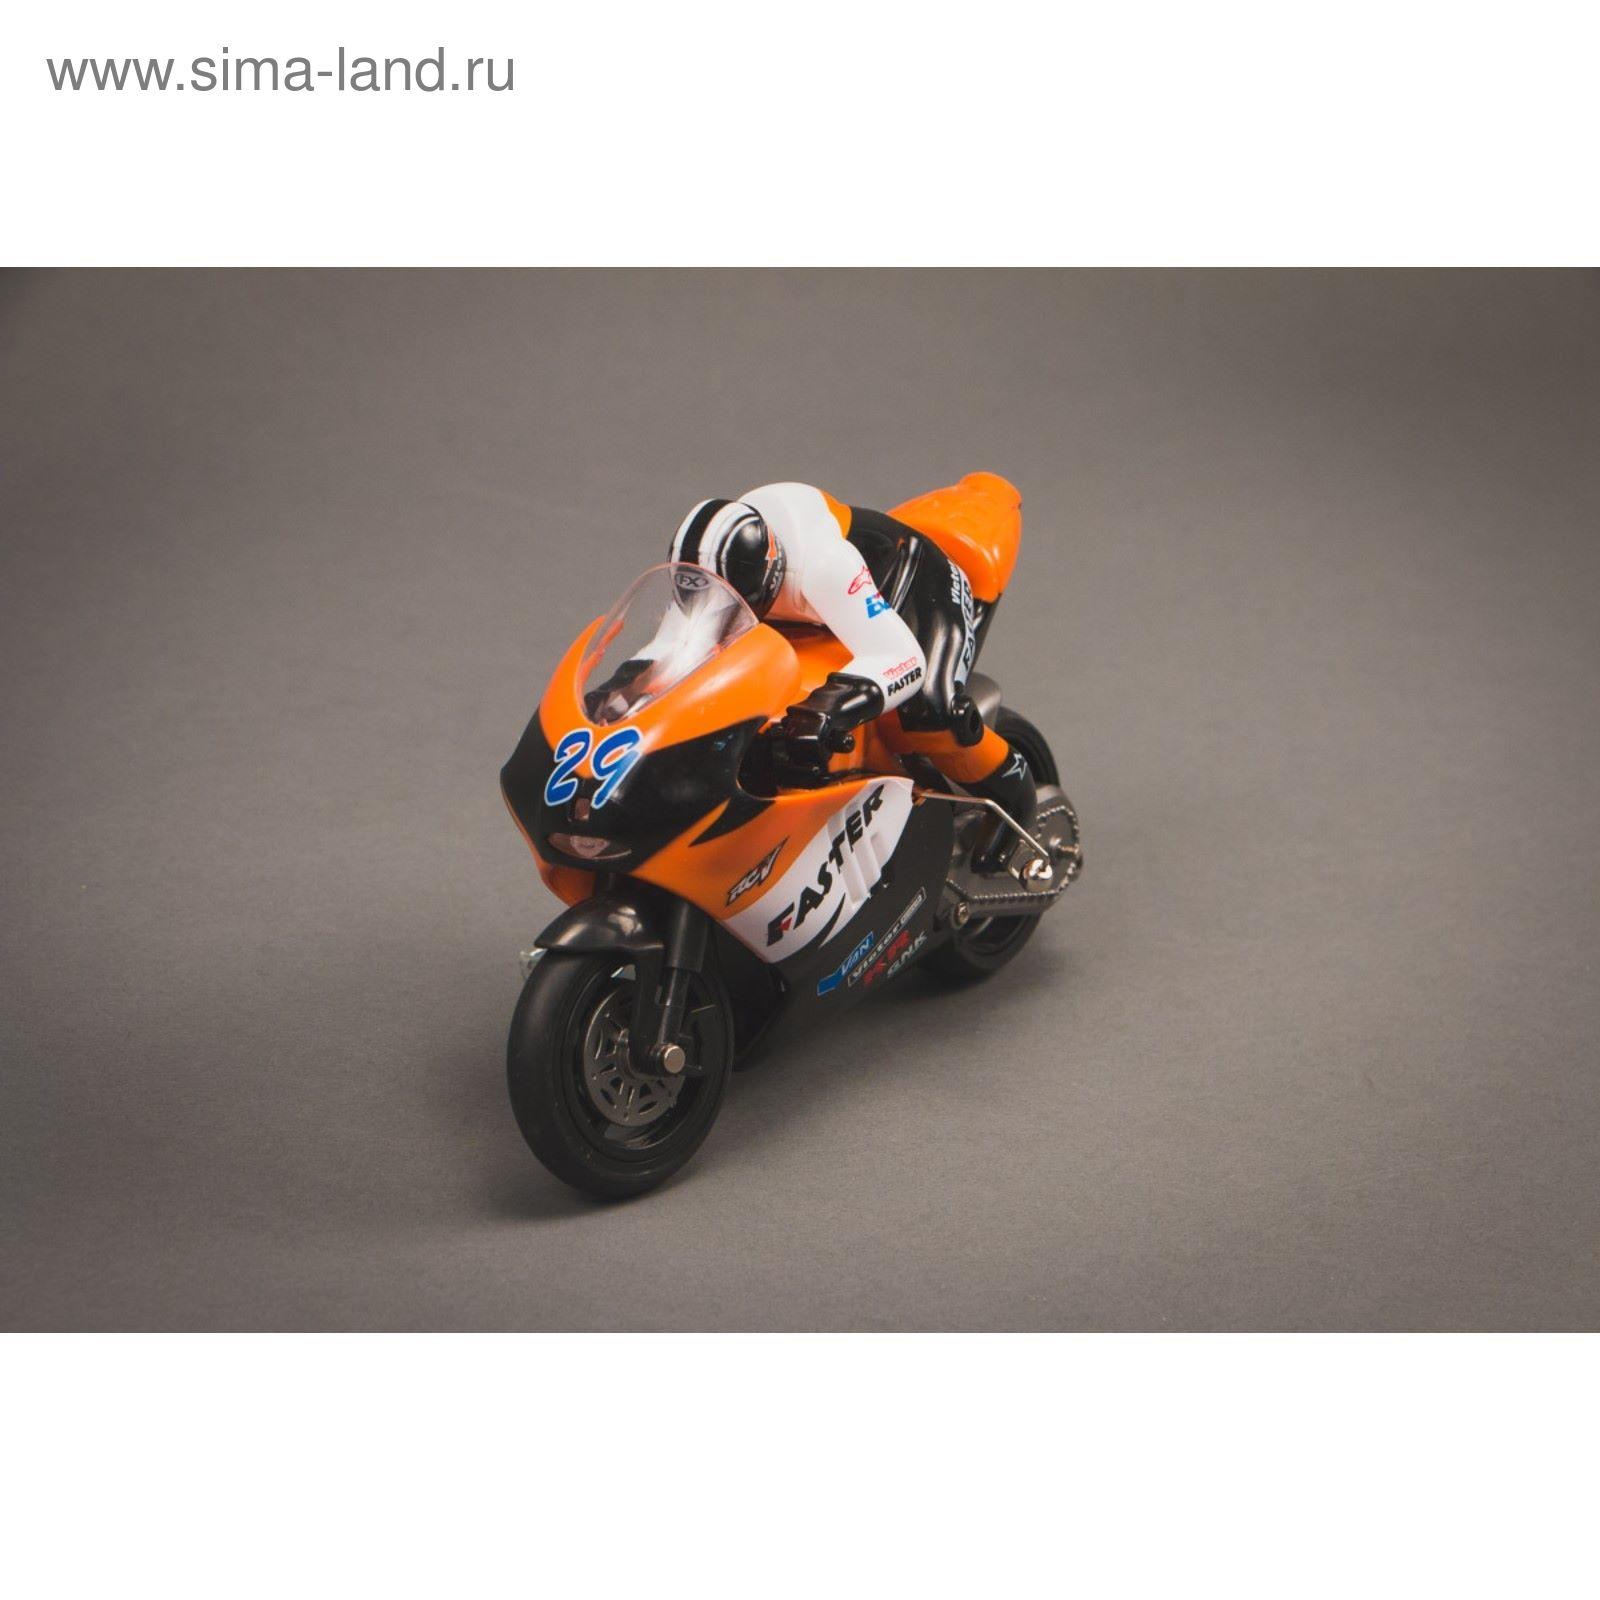 Радиоуправляемая модель мотоцикла Great Wall Toys 1/10 CVT